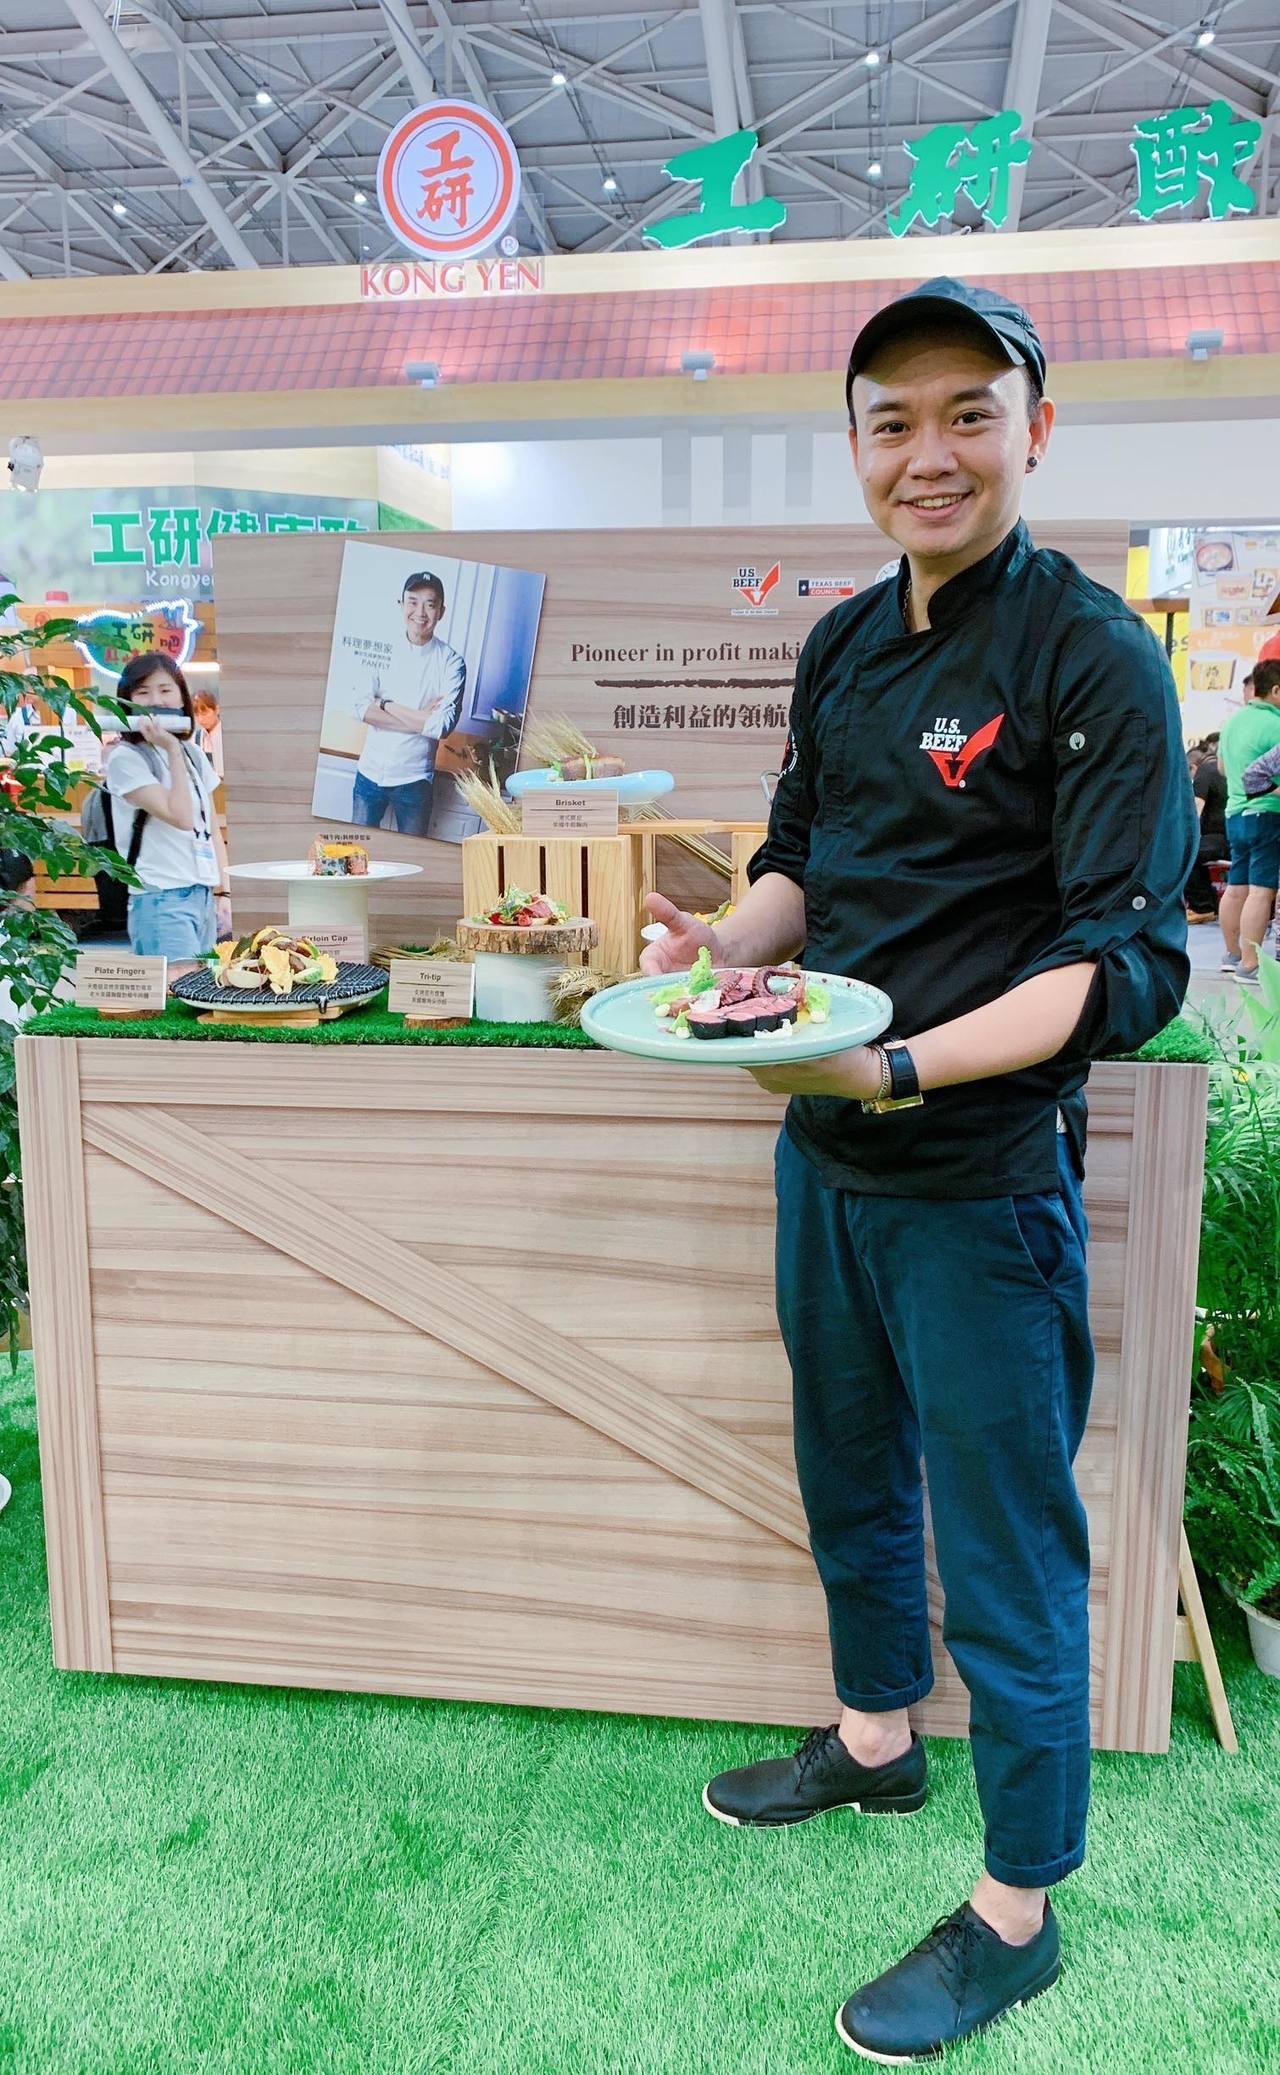 料理夢想家潘瑋翔現場示範多道創意料理,吸睛度百分百。記者徐力剛/攝影